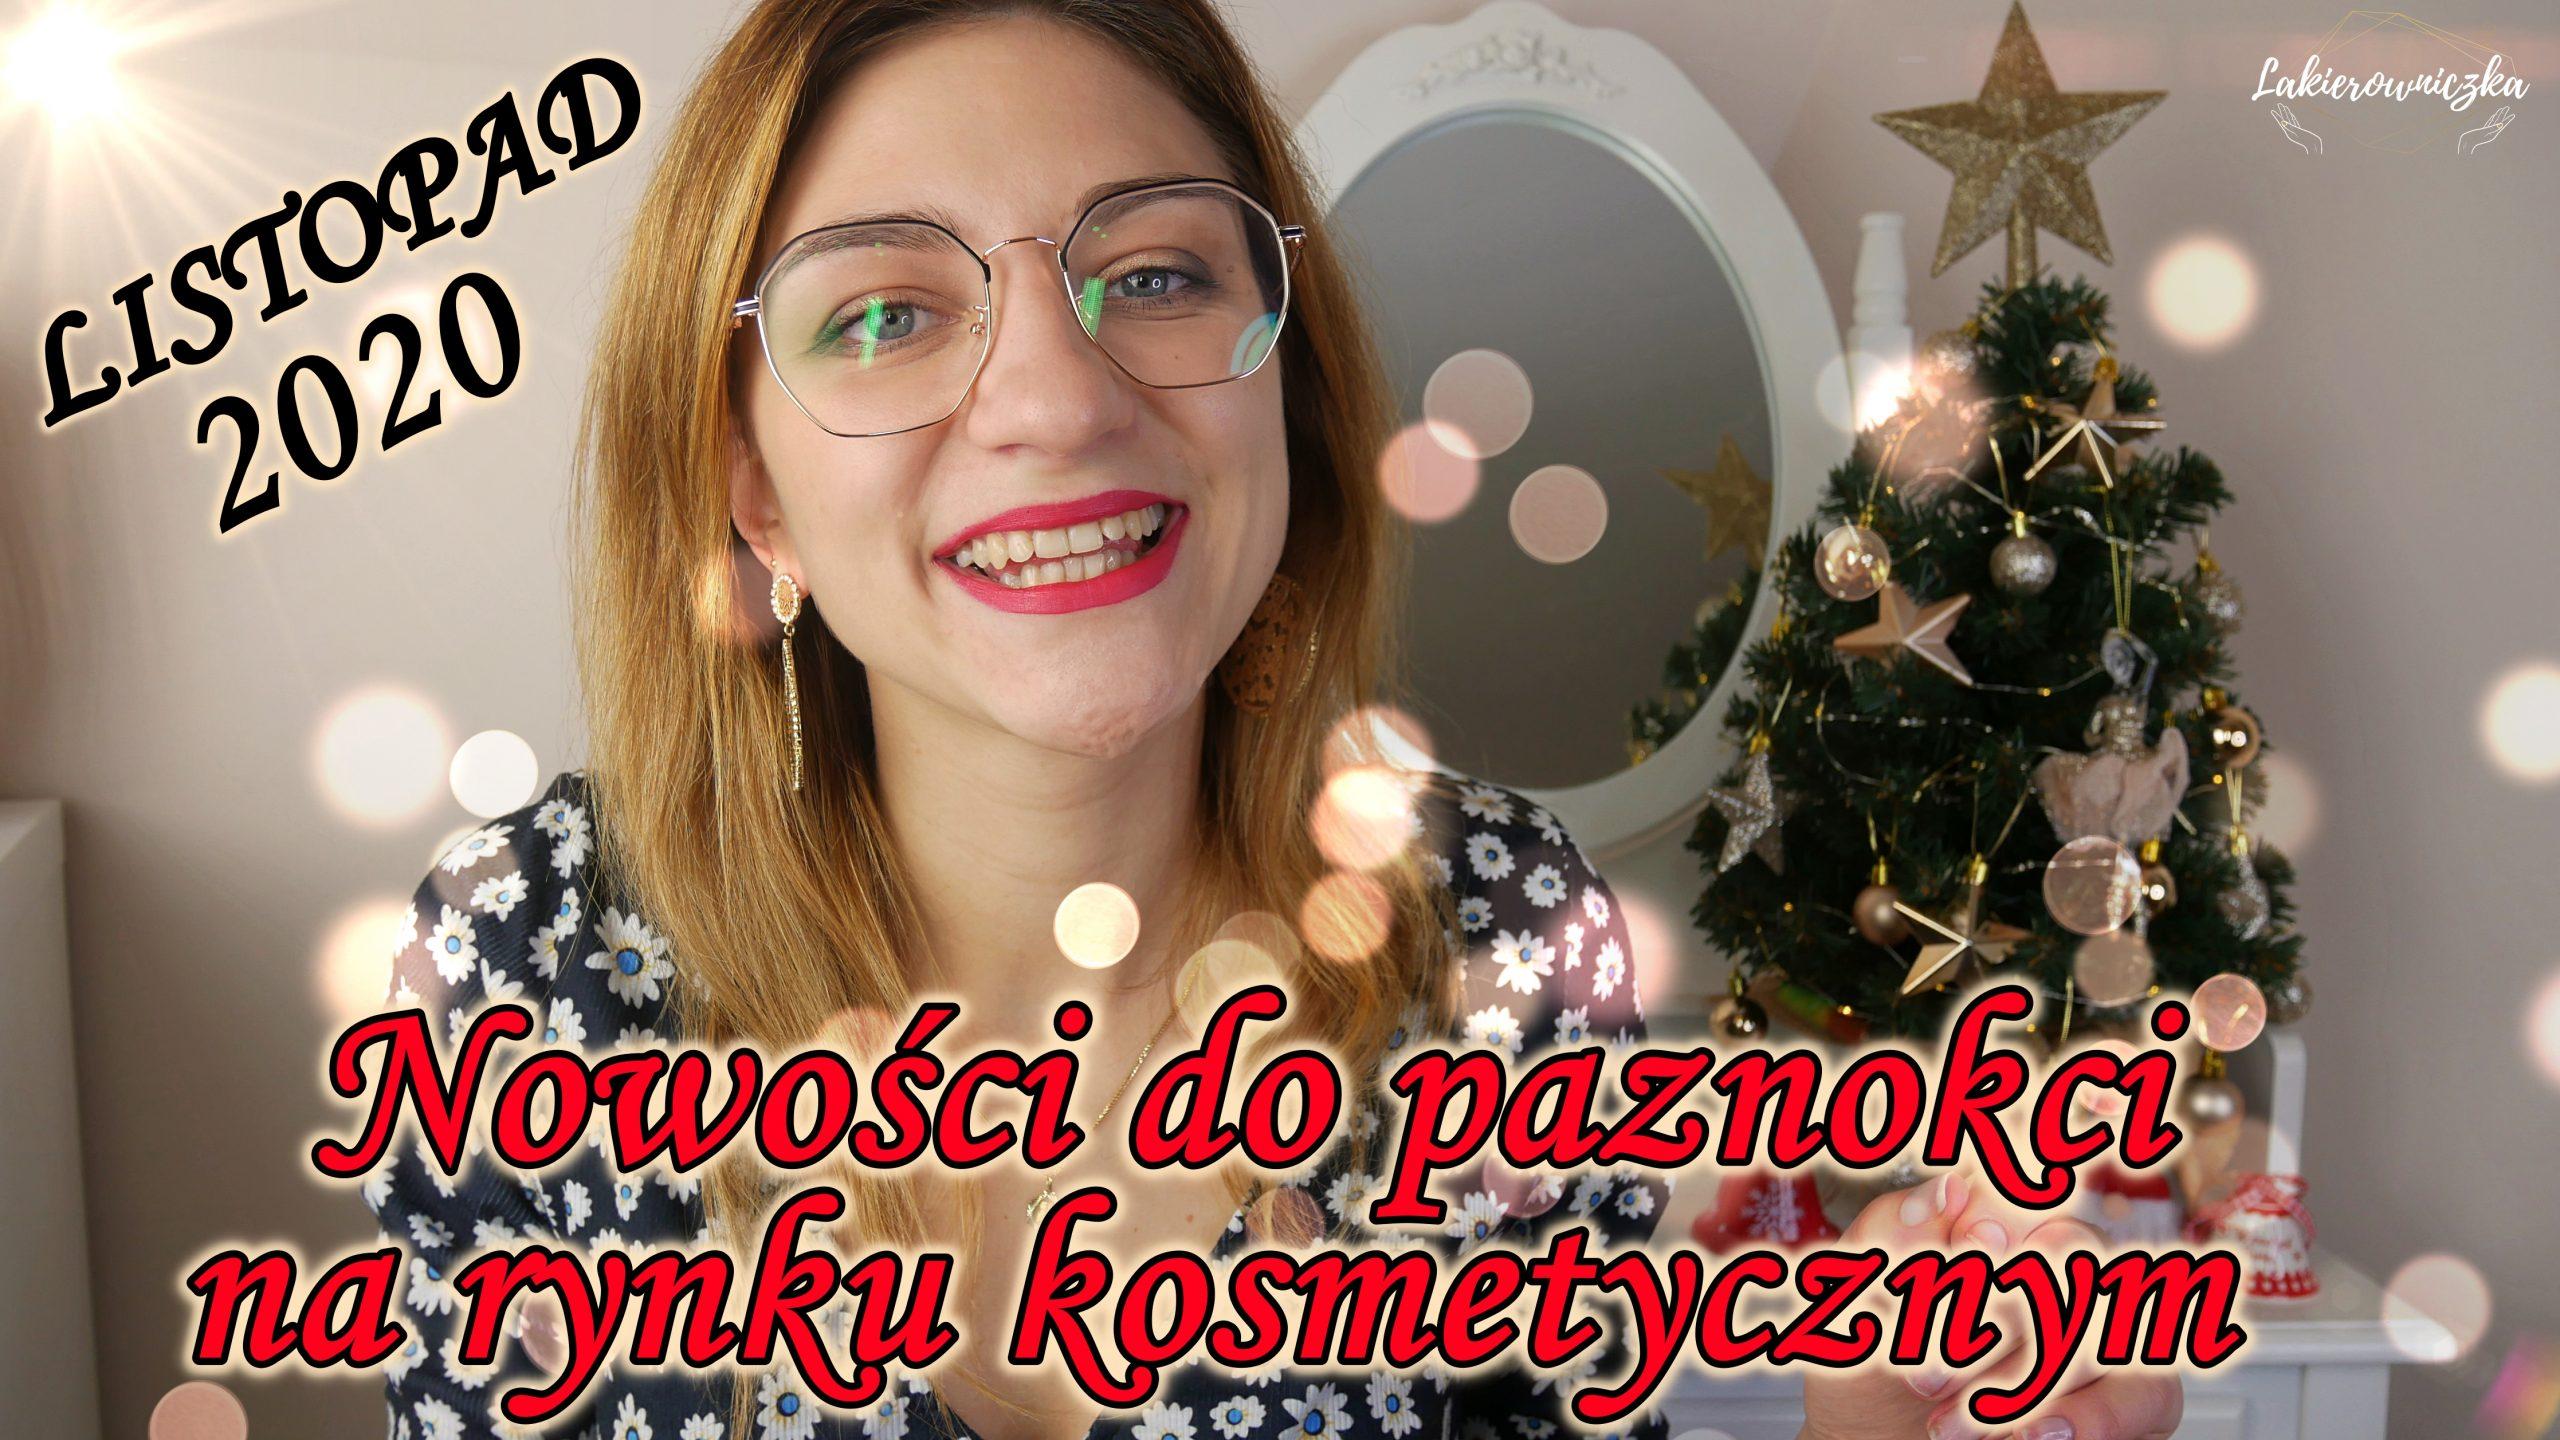 Zestawy świąteczne - Nowości do paznokci na rynku kosmetycznym - listopad 2020